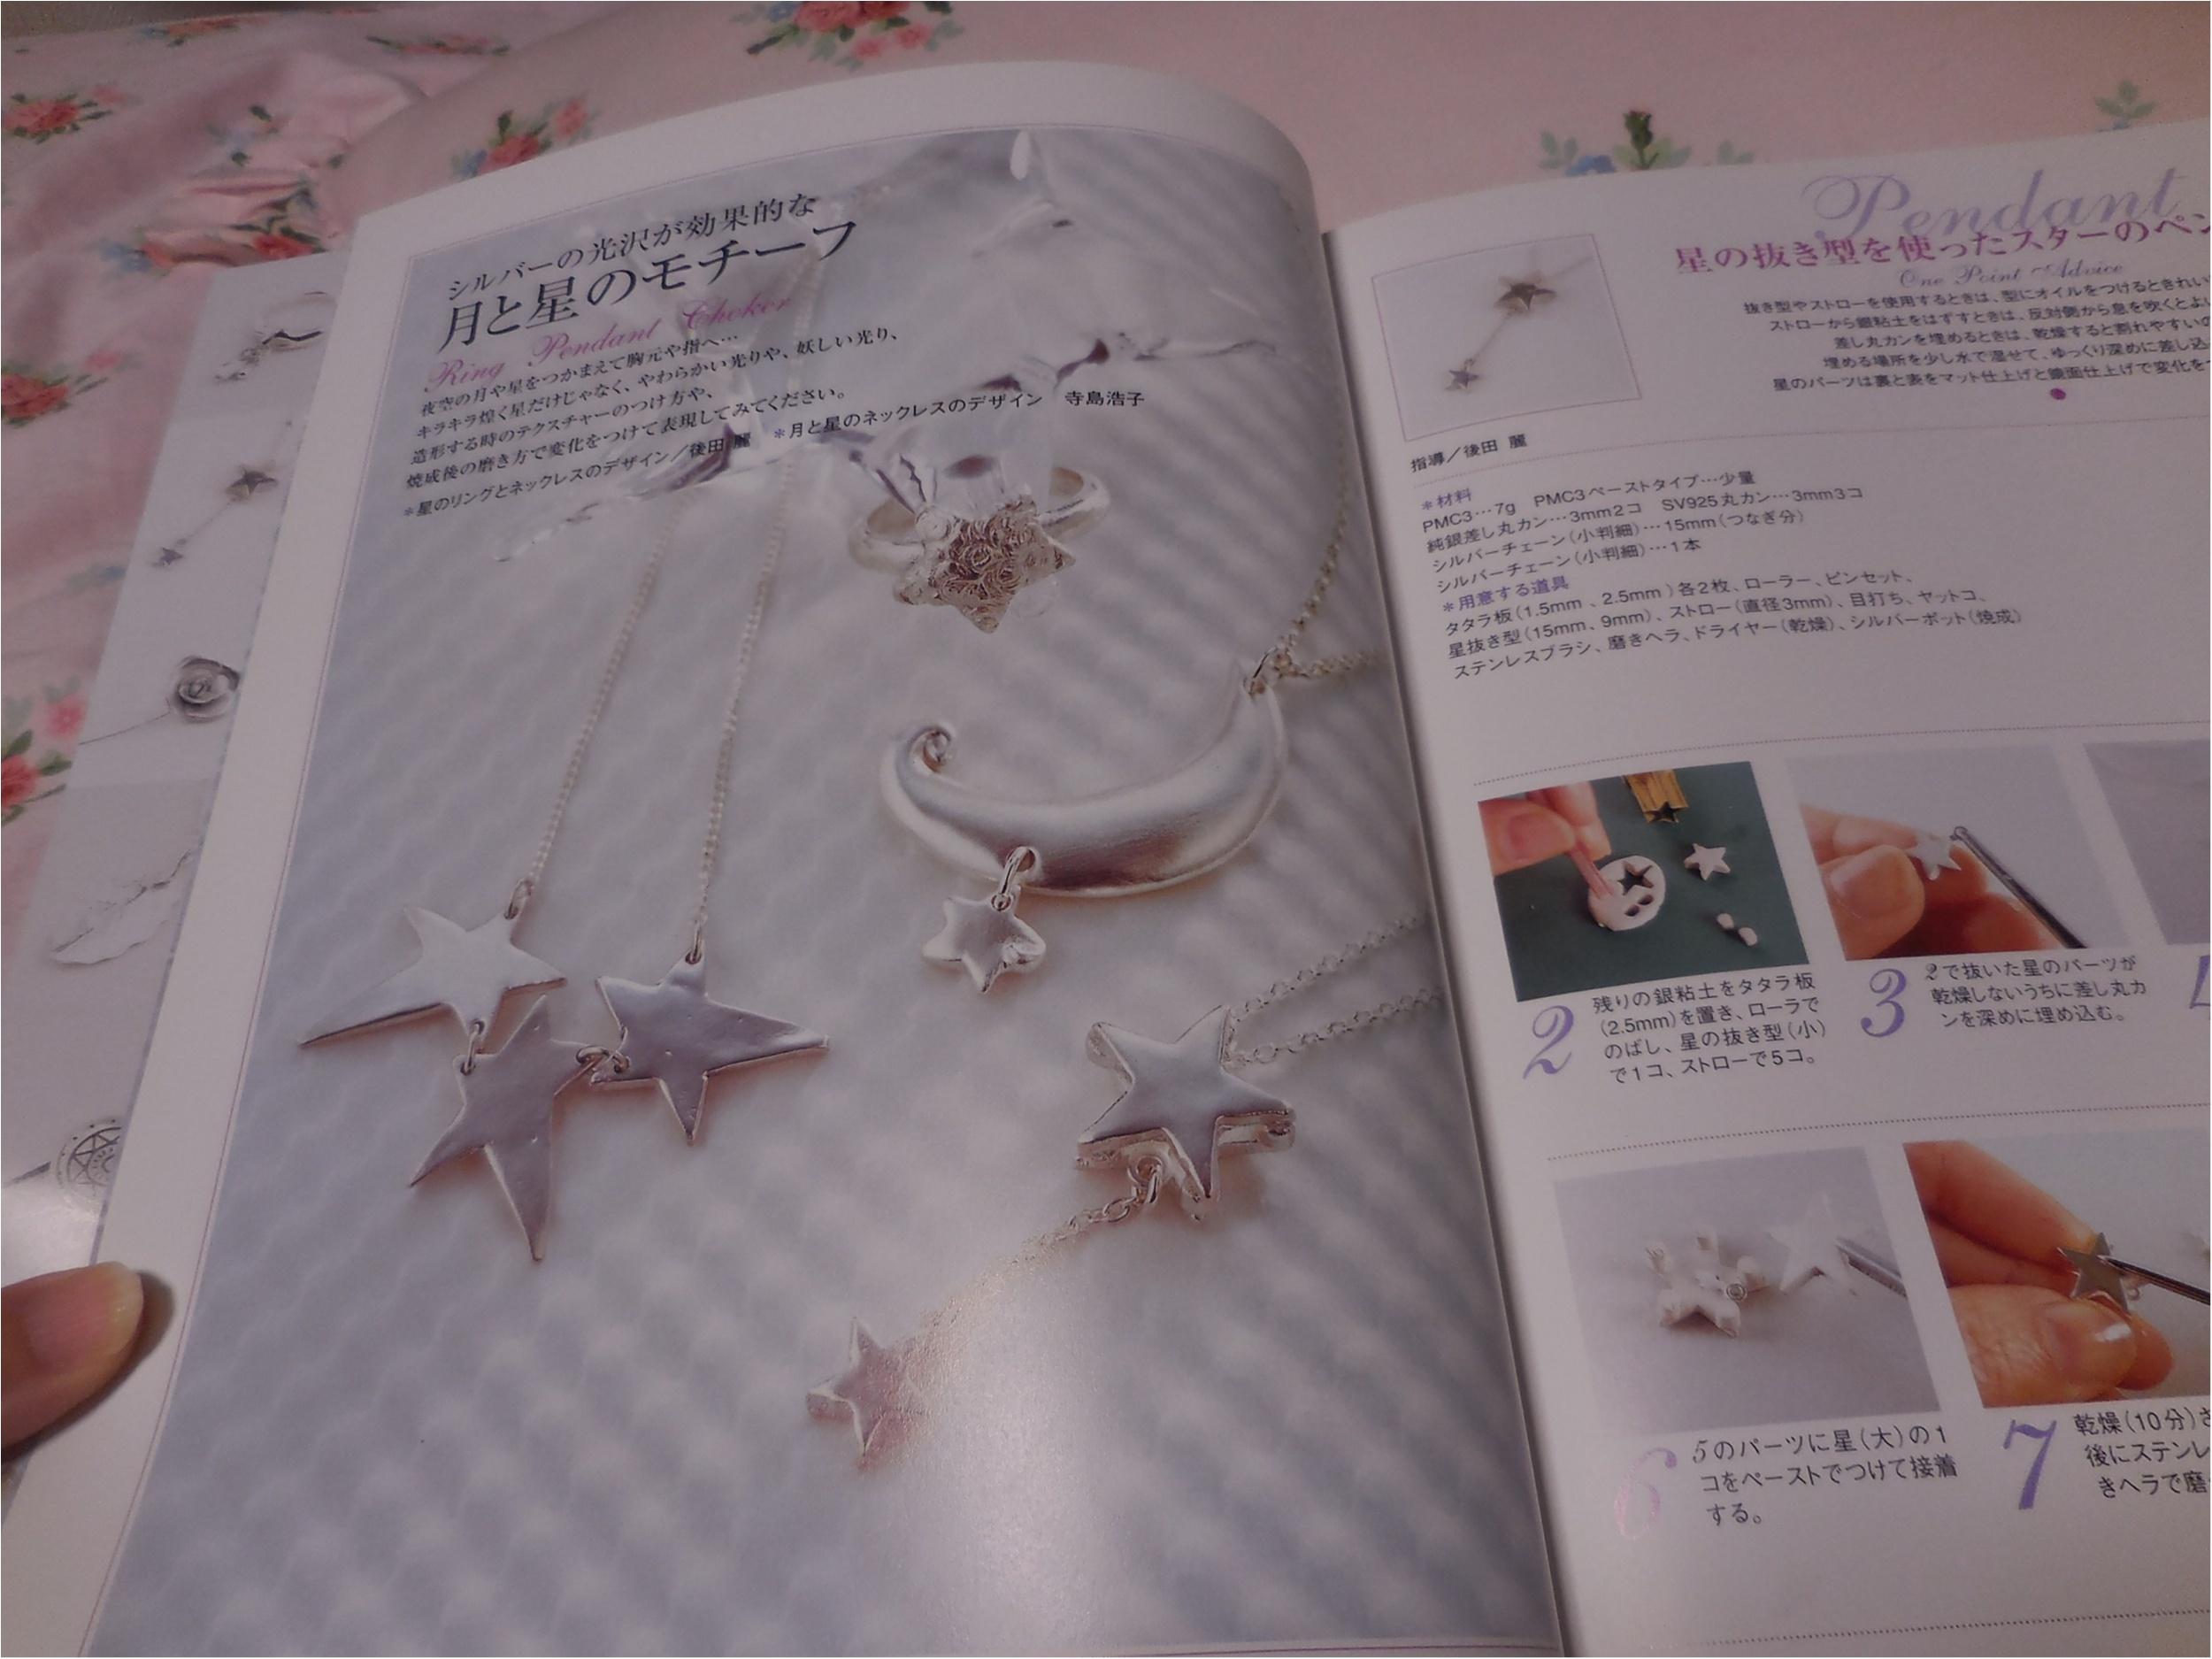 【ケユカ】純銀粘土で作るペンダントワークショップに参加してきました。その後、ネックレスチェーンを通し完成。_3